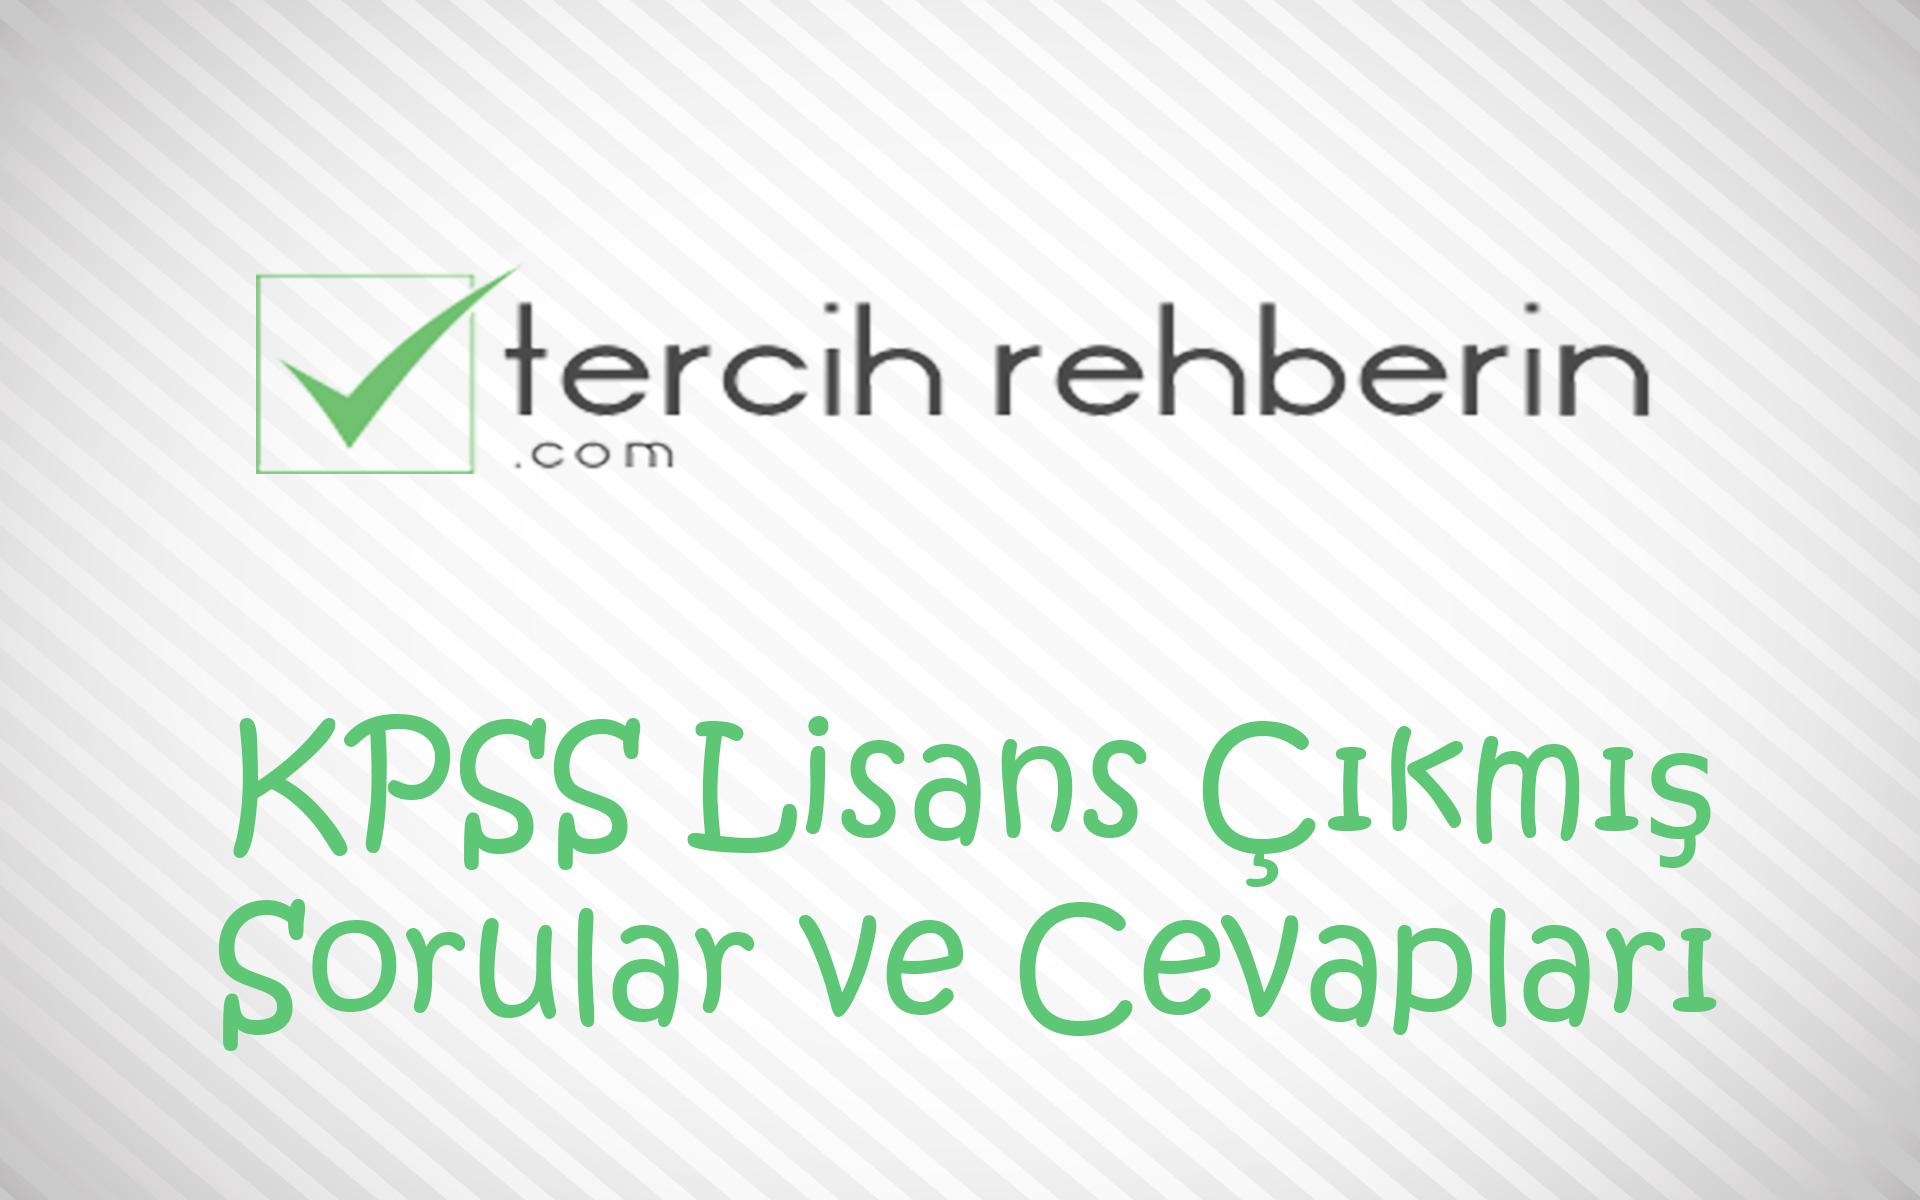 KPSS Lisans Çıkmış Sorular ve Cevapları